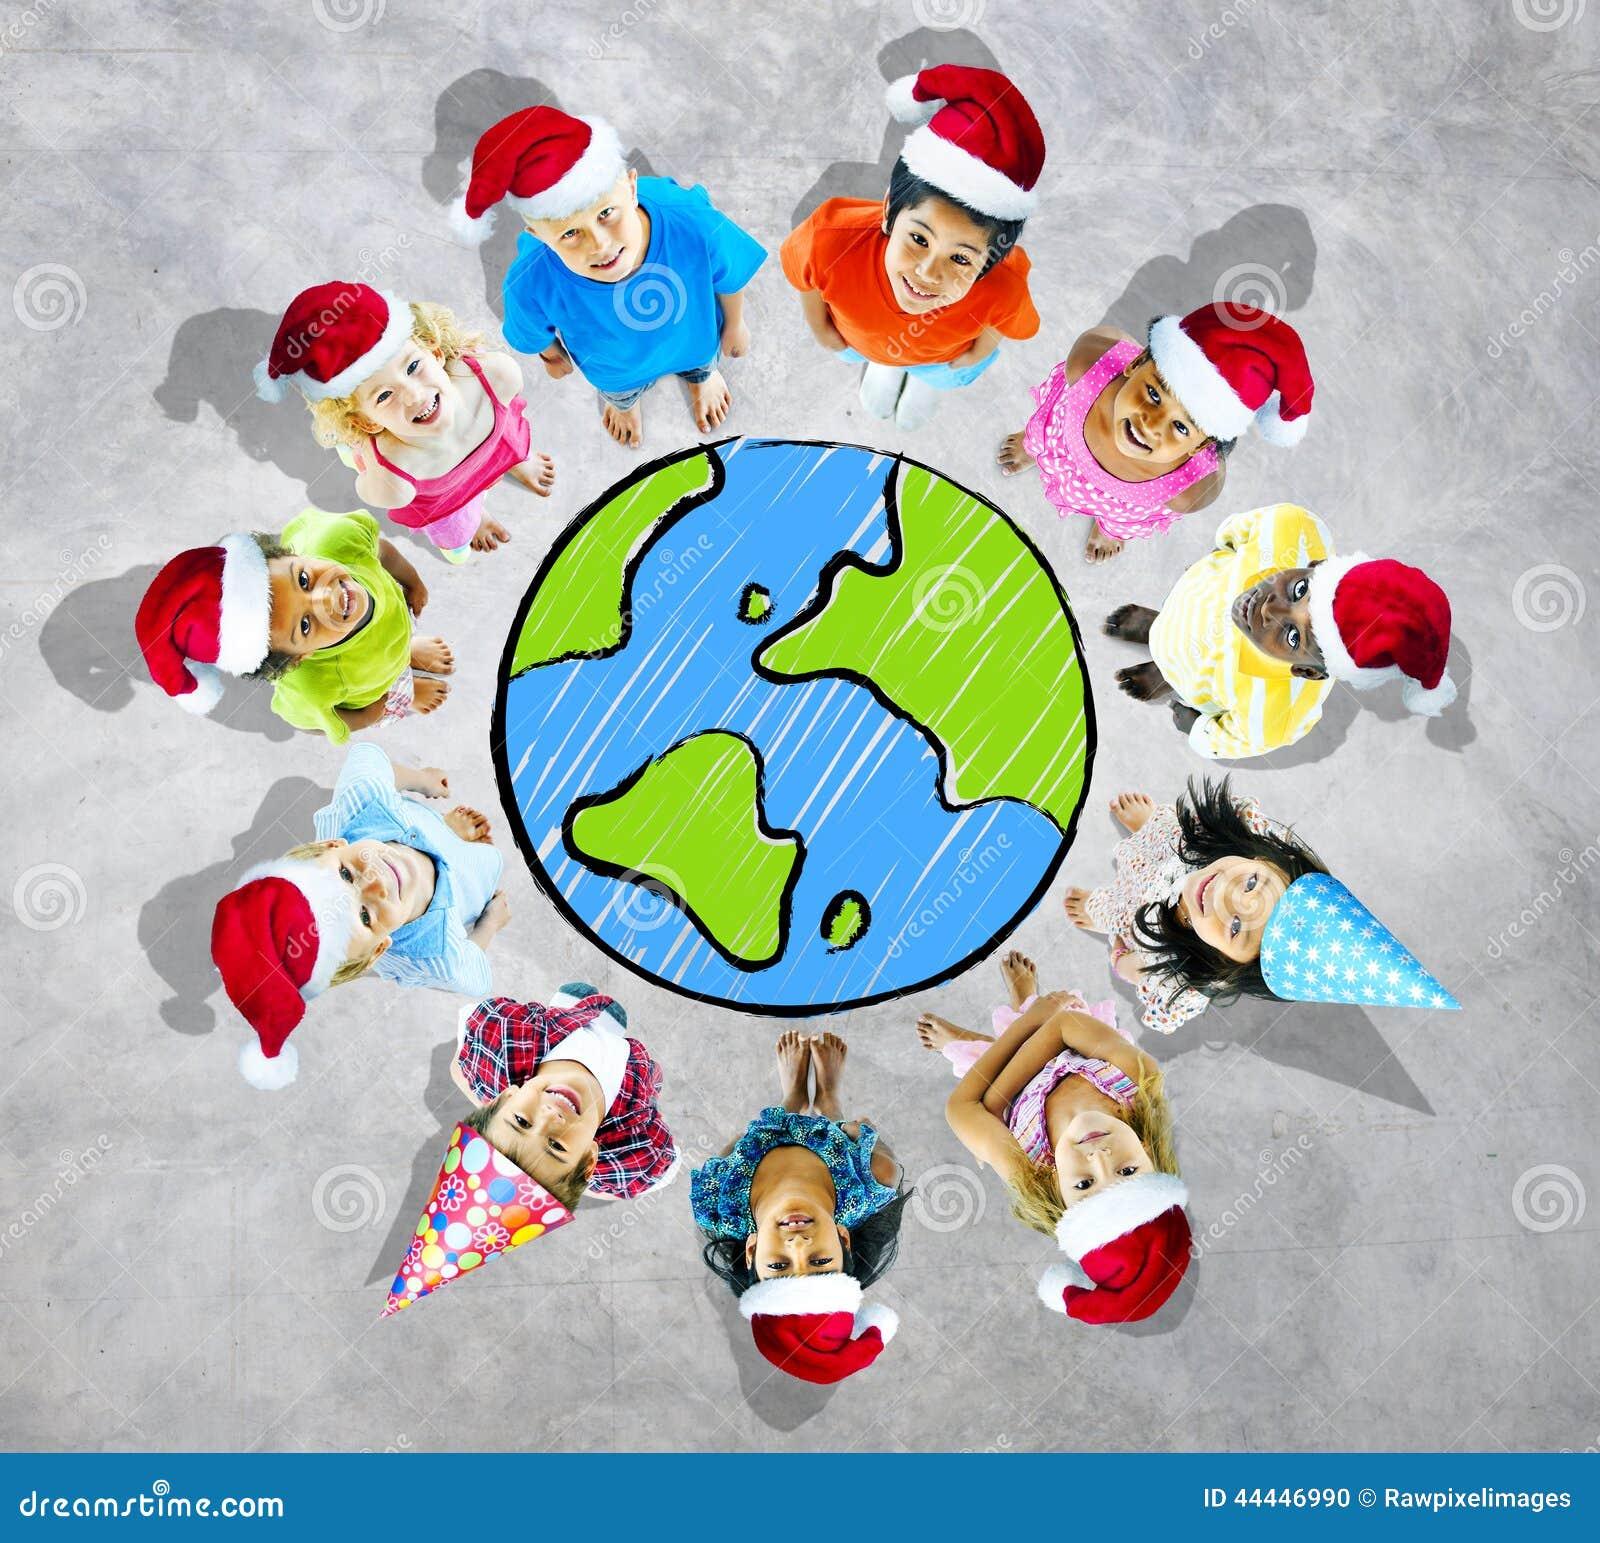 детей всего мира фото